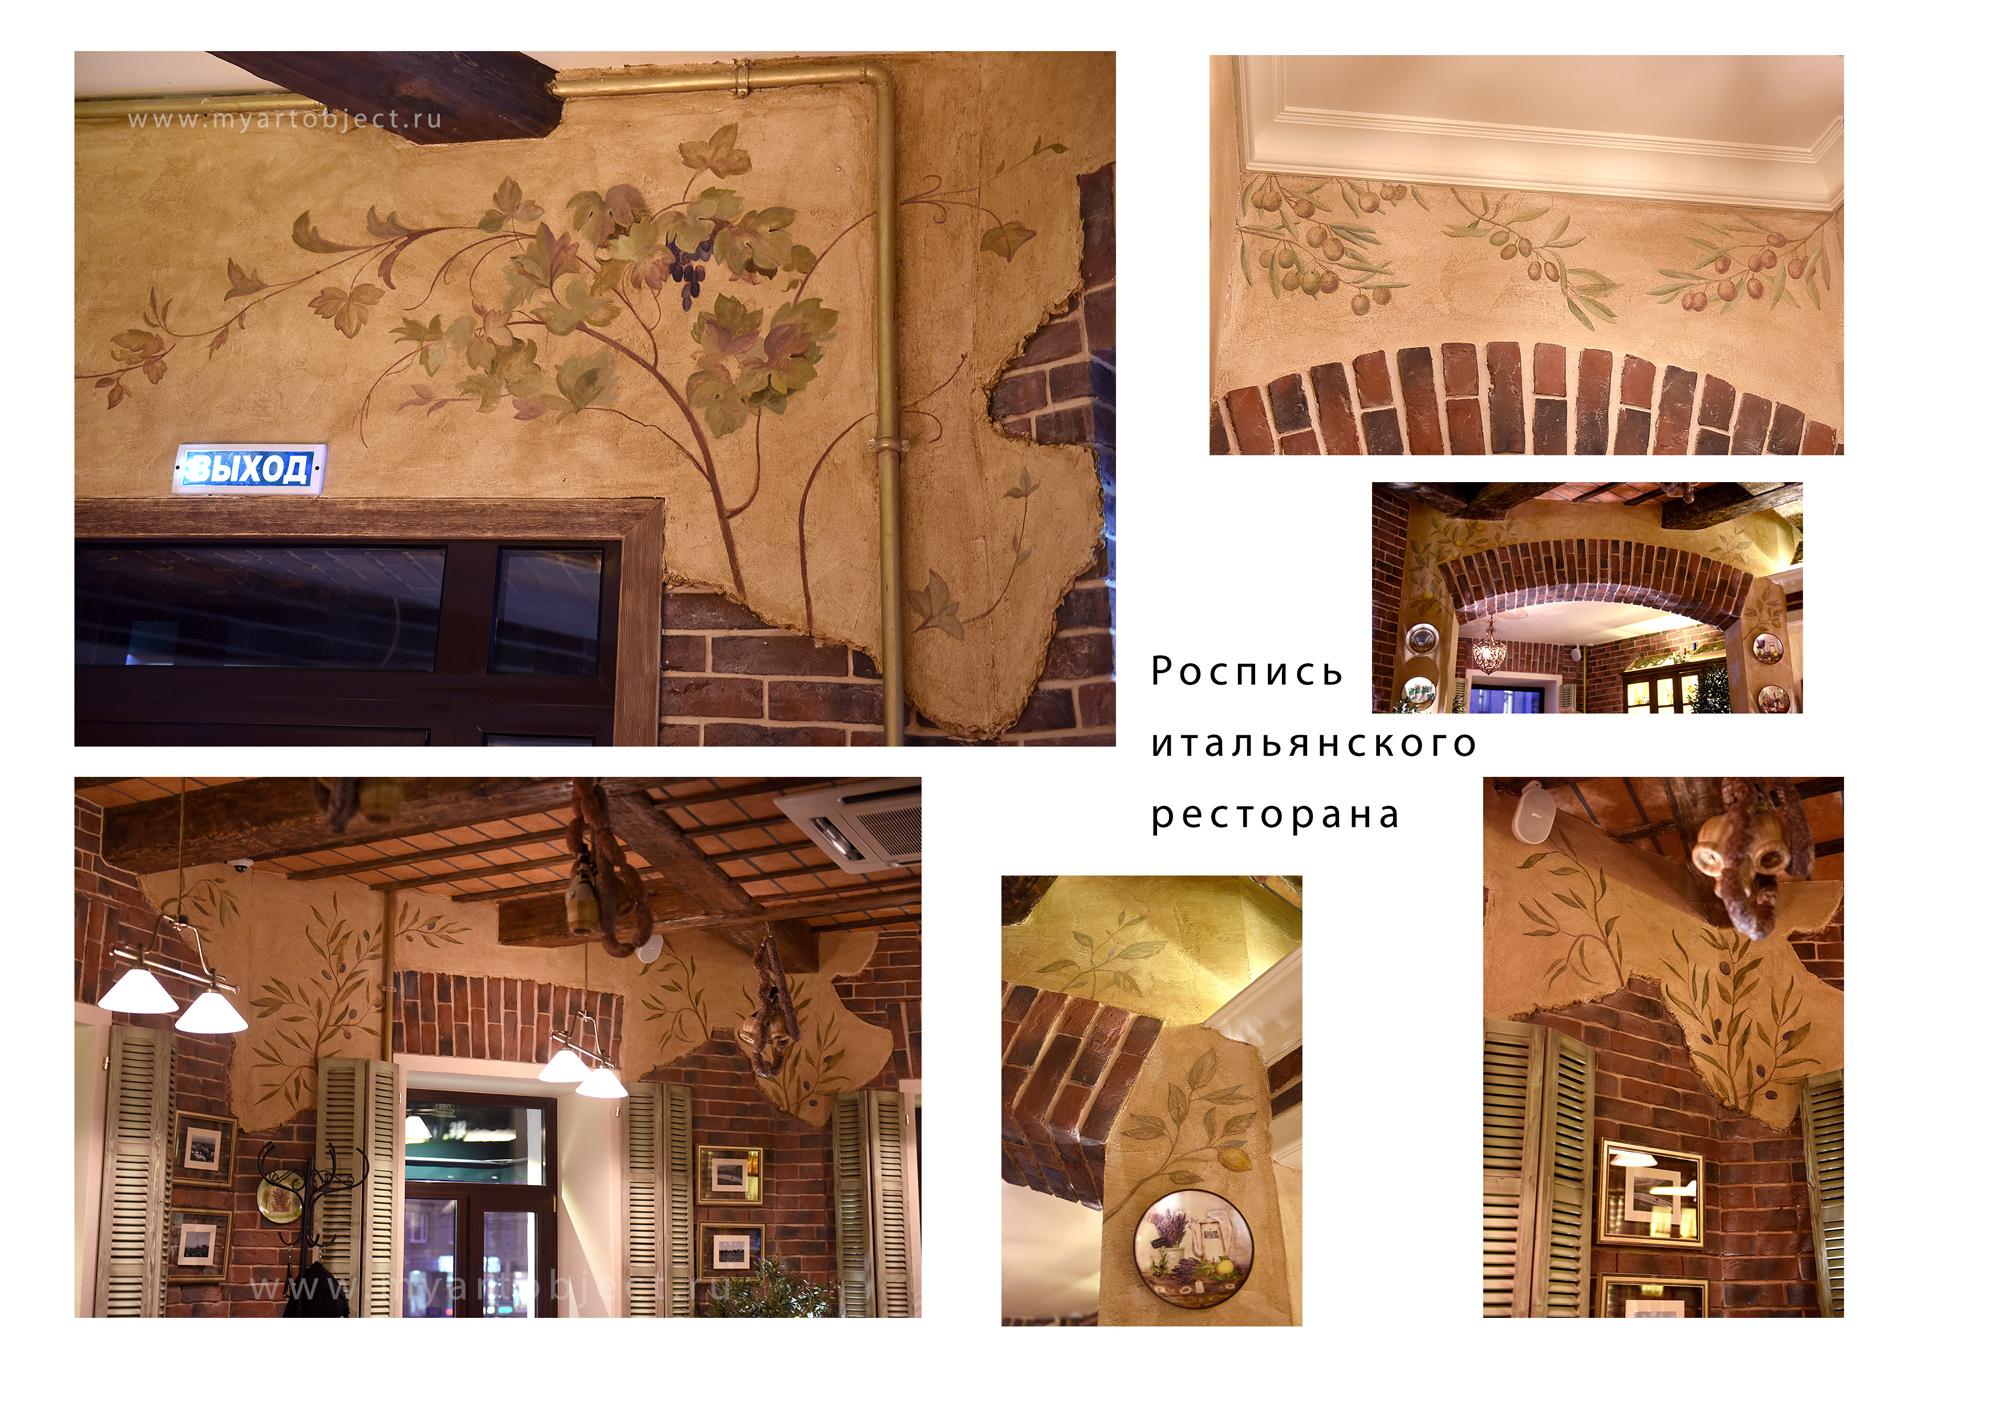 Ветви-оливы-и-куст-винограда,-лимонное-дерево-роспись-для-итальянского-ресторана